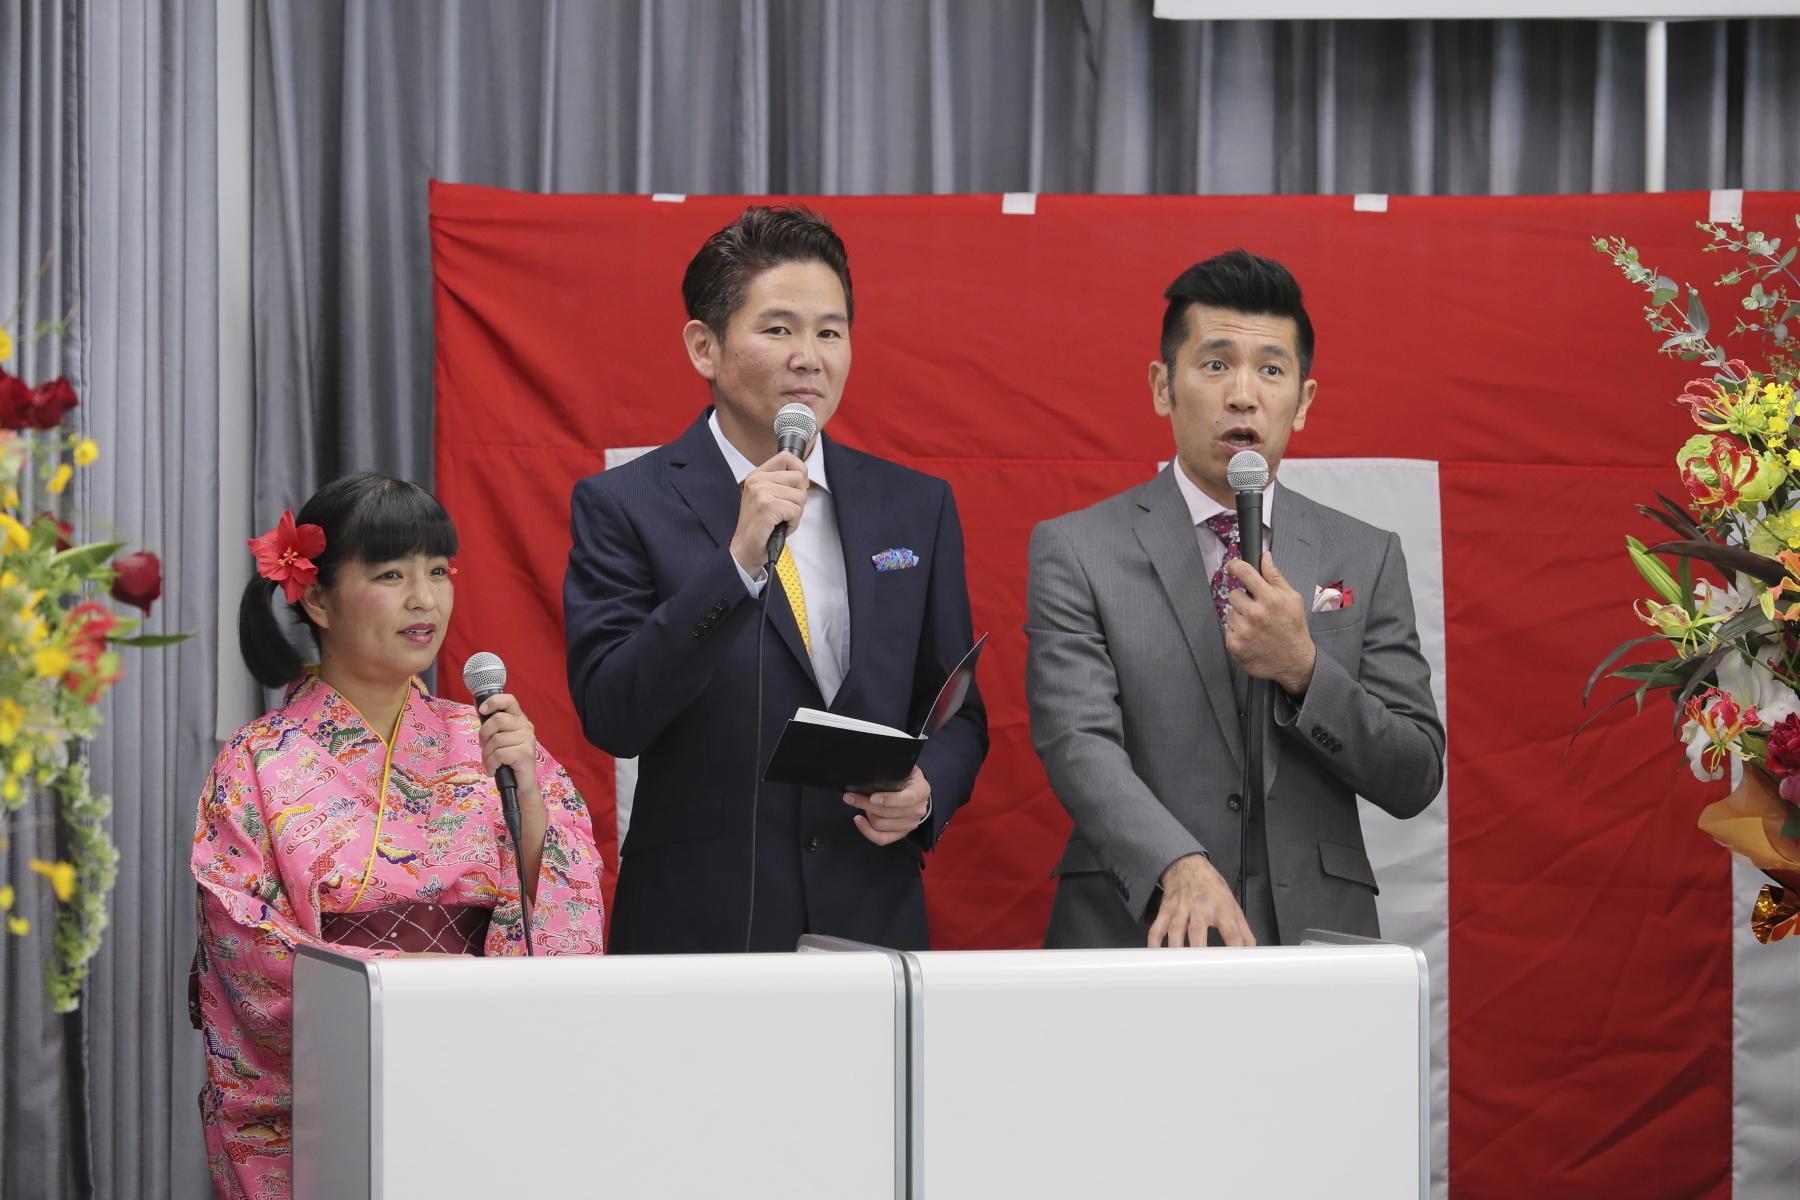 http://news.yoshimoto.co.jp/20180409185022-7b033edef500e4612f62331a1bf92bc2f1206fb0.jpg